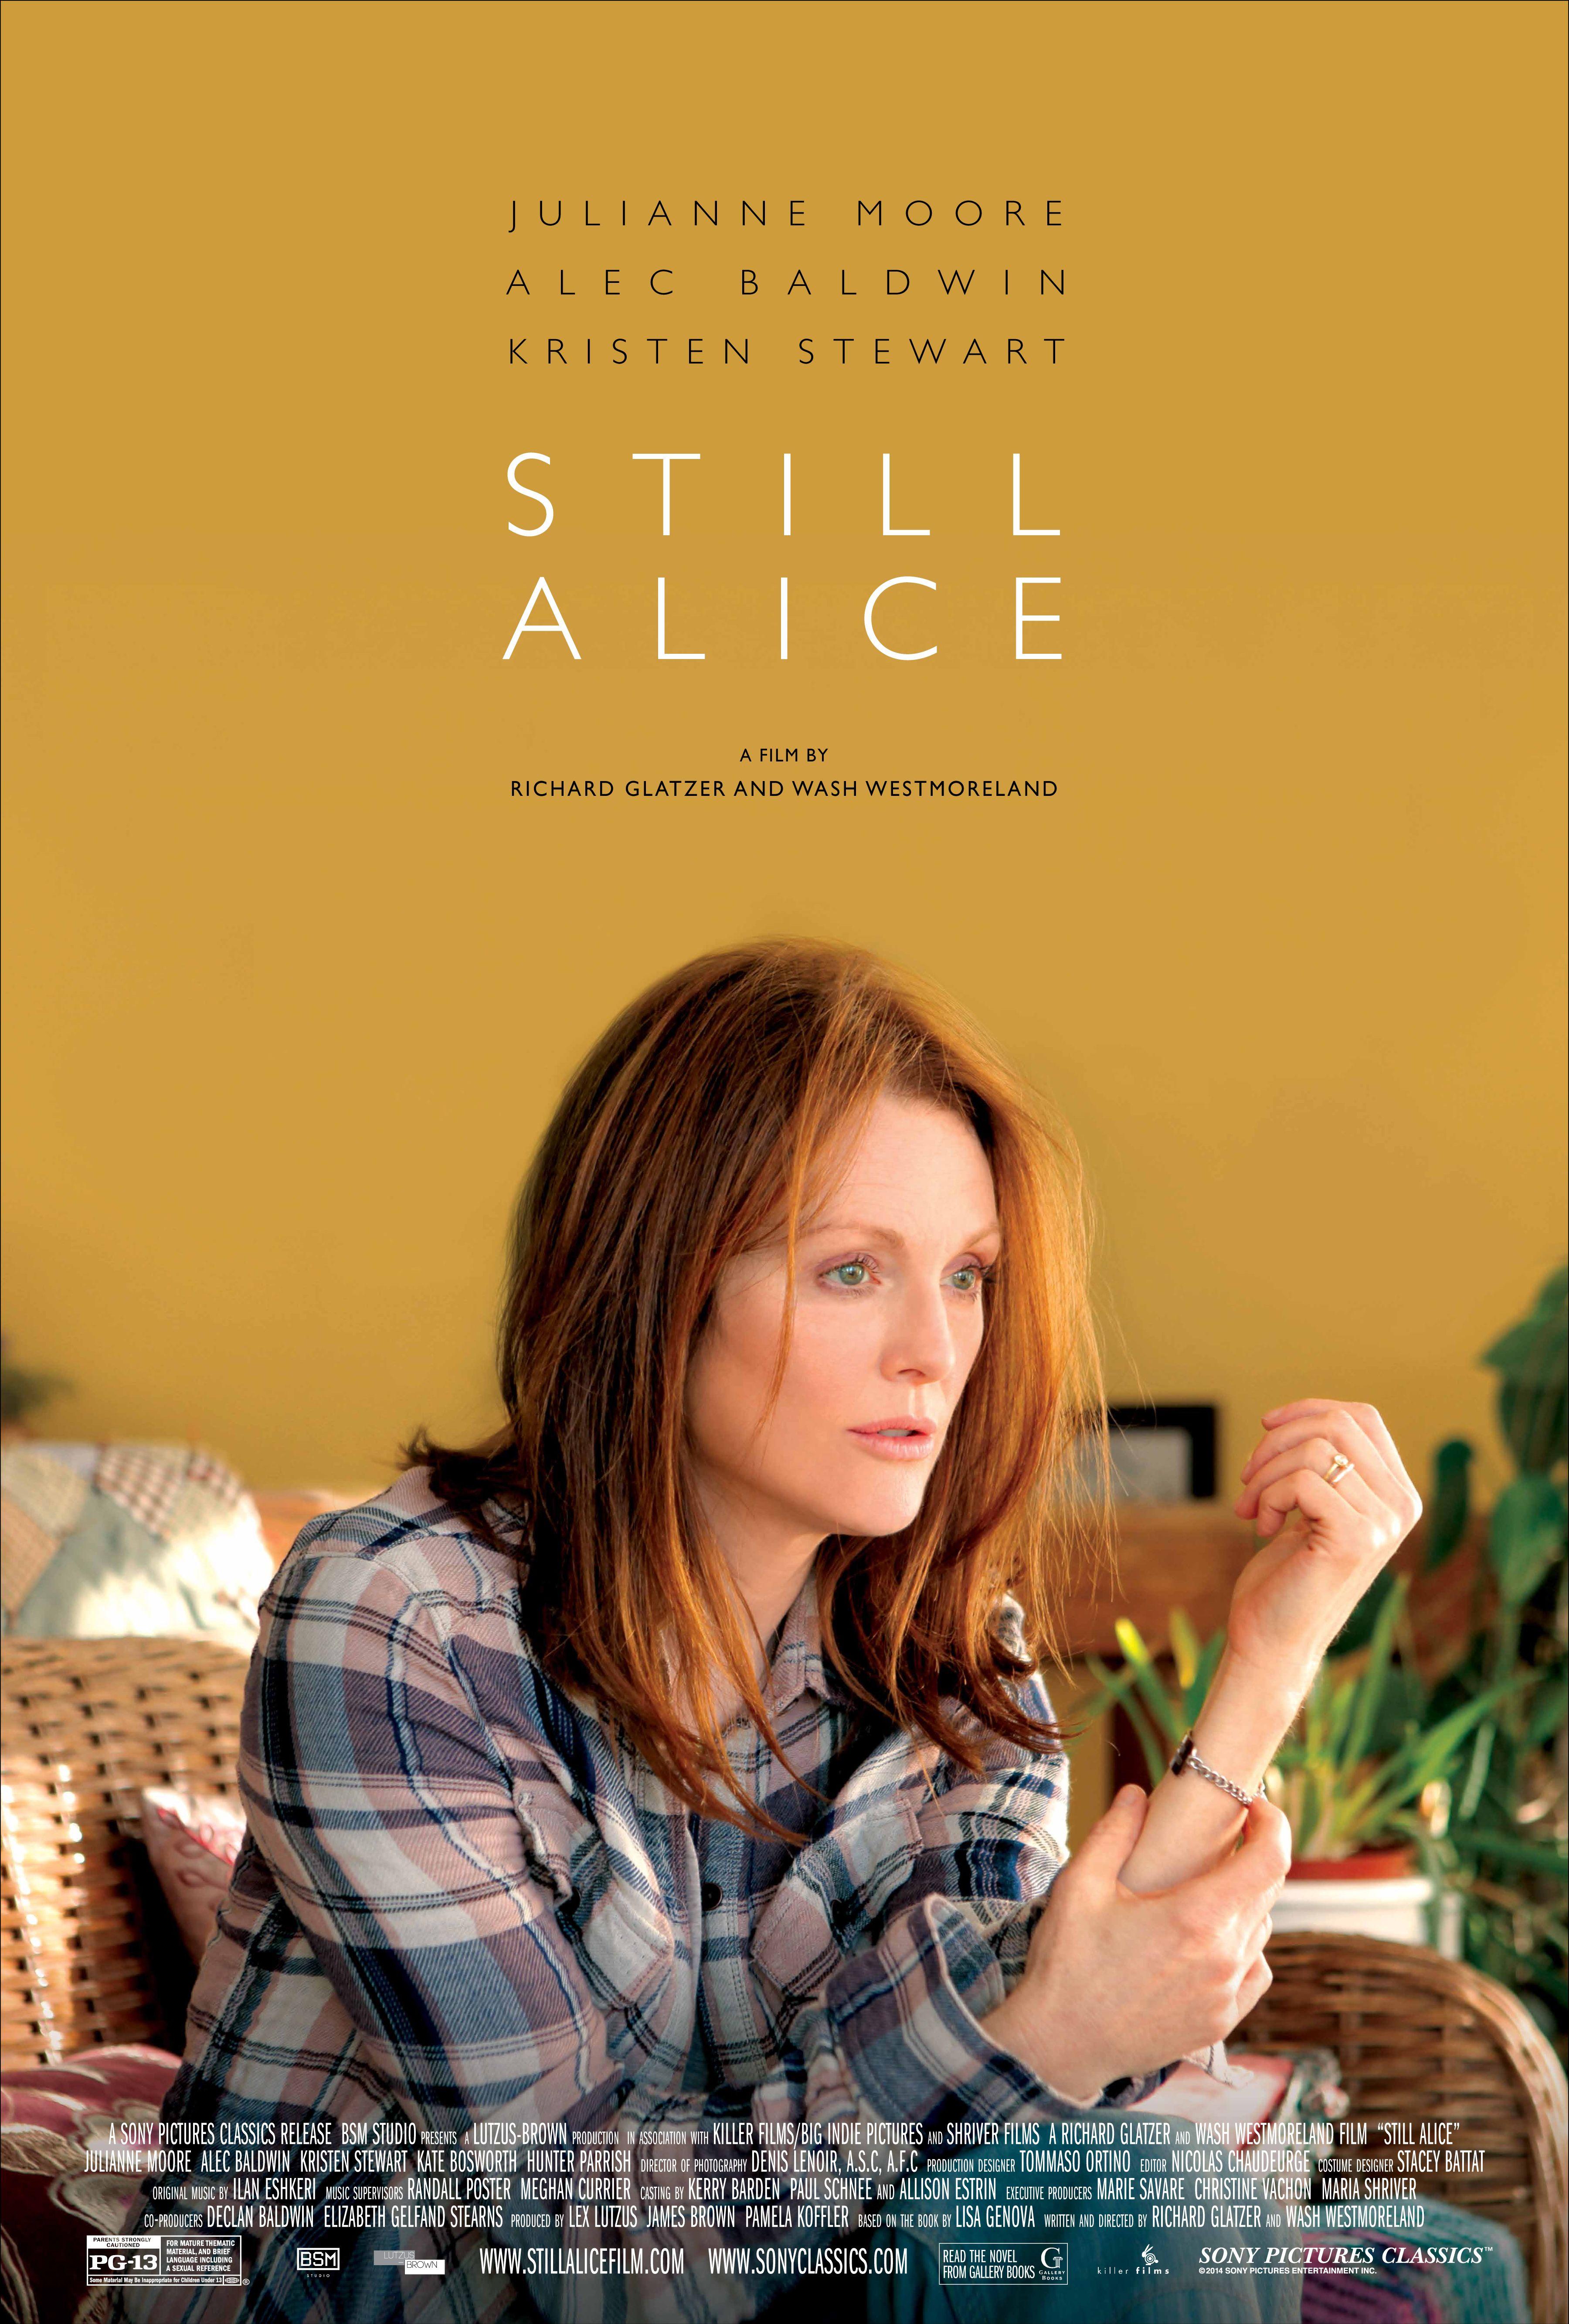 Watch The First Still Alice Trailer Julianne Moore Battles Early Alzheimers Alice Movie Still Alice Julianne Moore